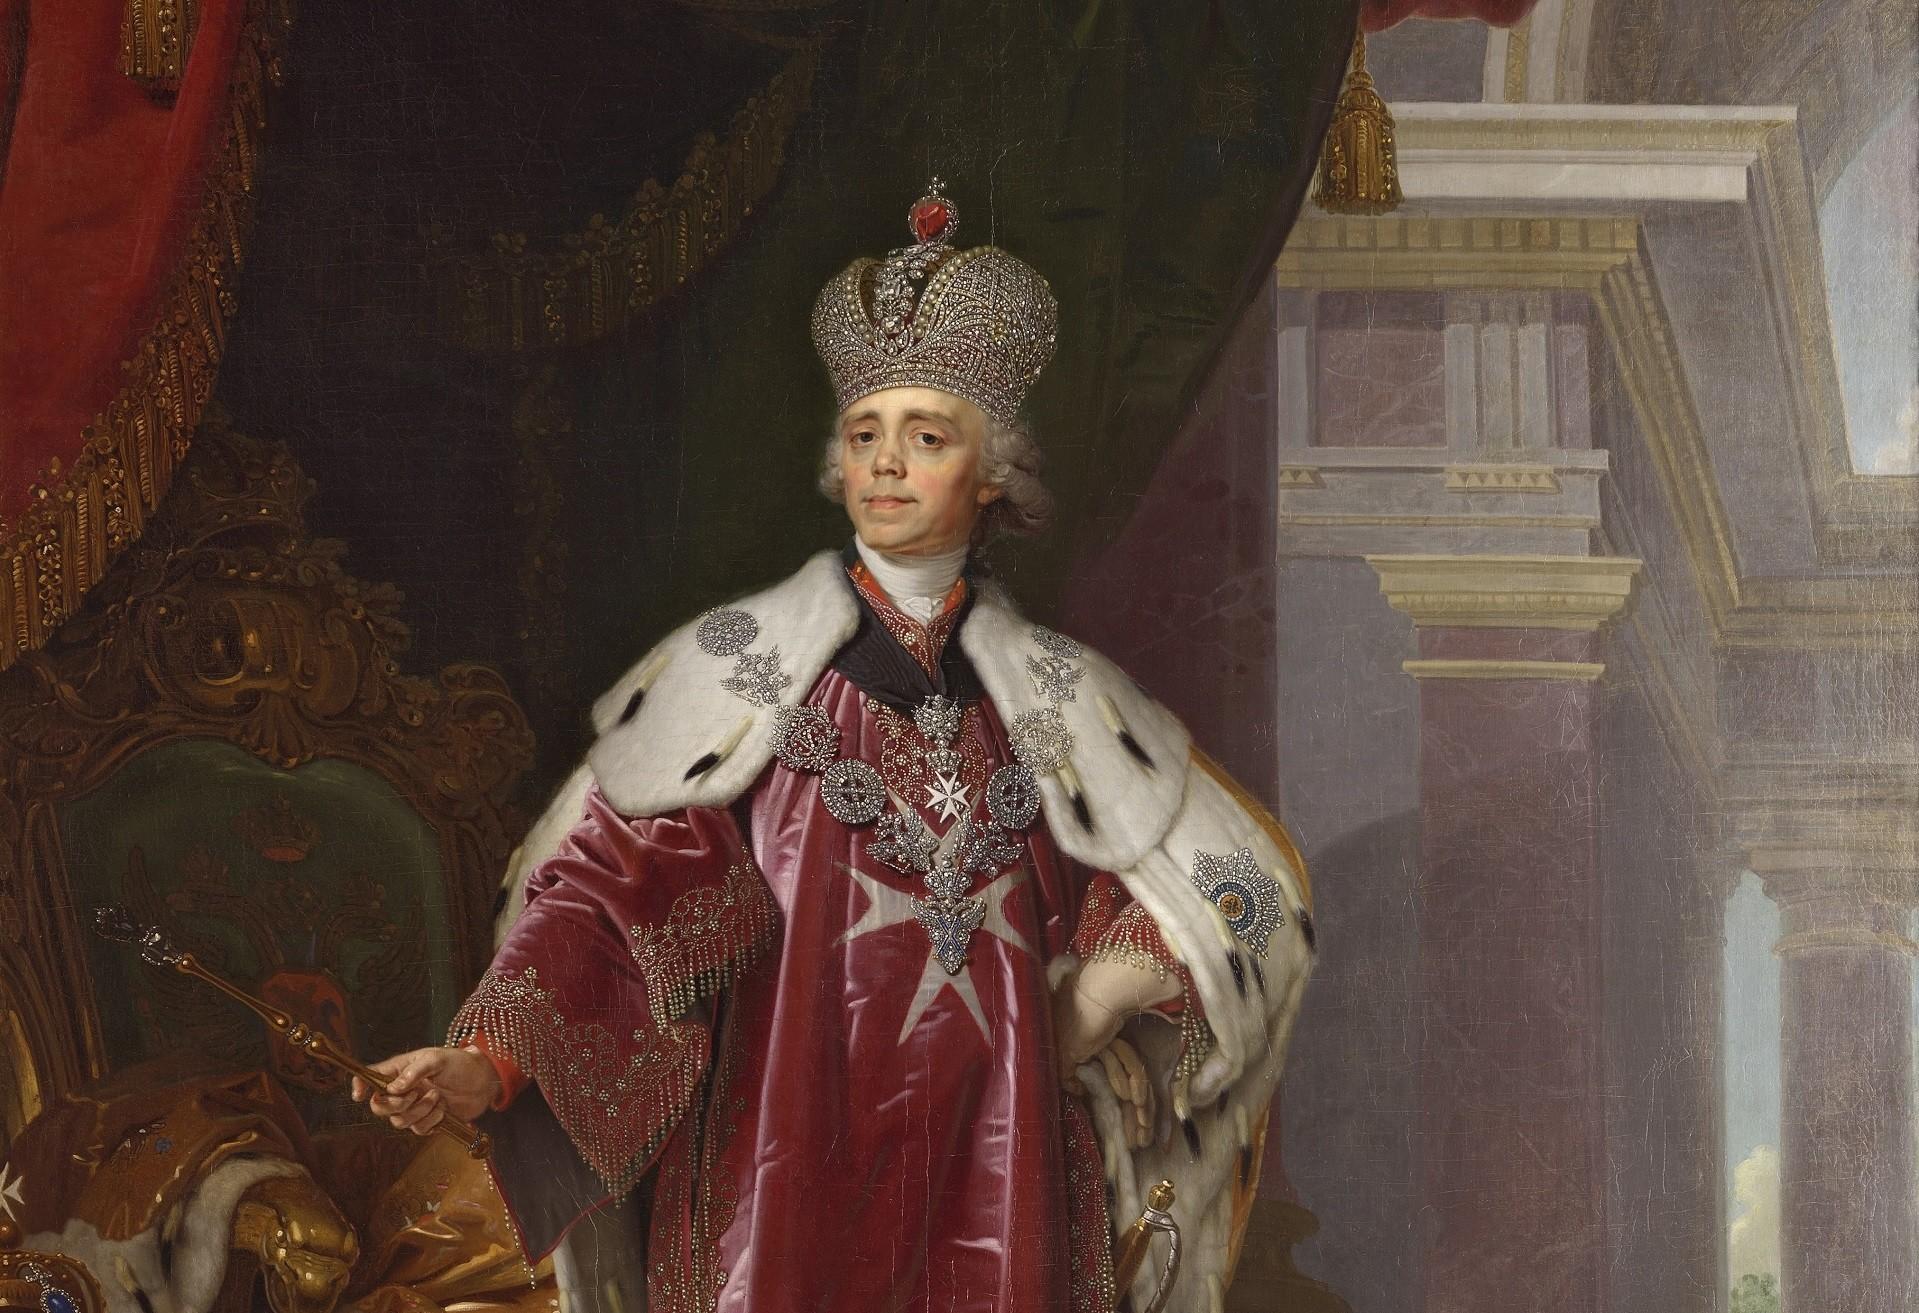 Retrato do imperador Pável 1° pintado por Vladímir Borovikóvski.